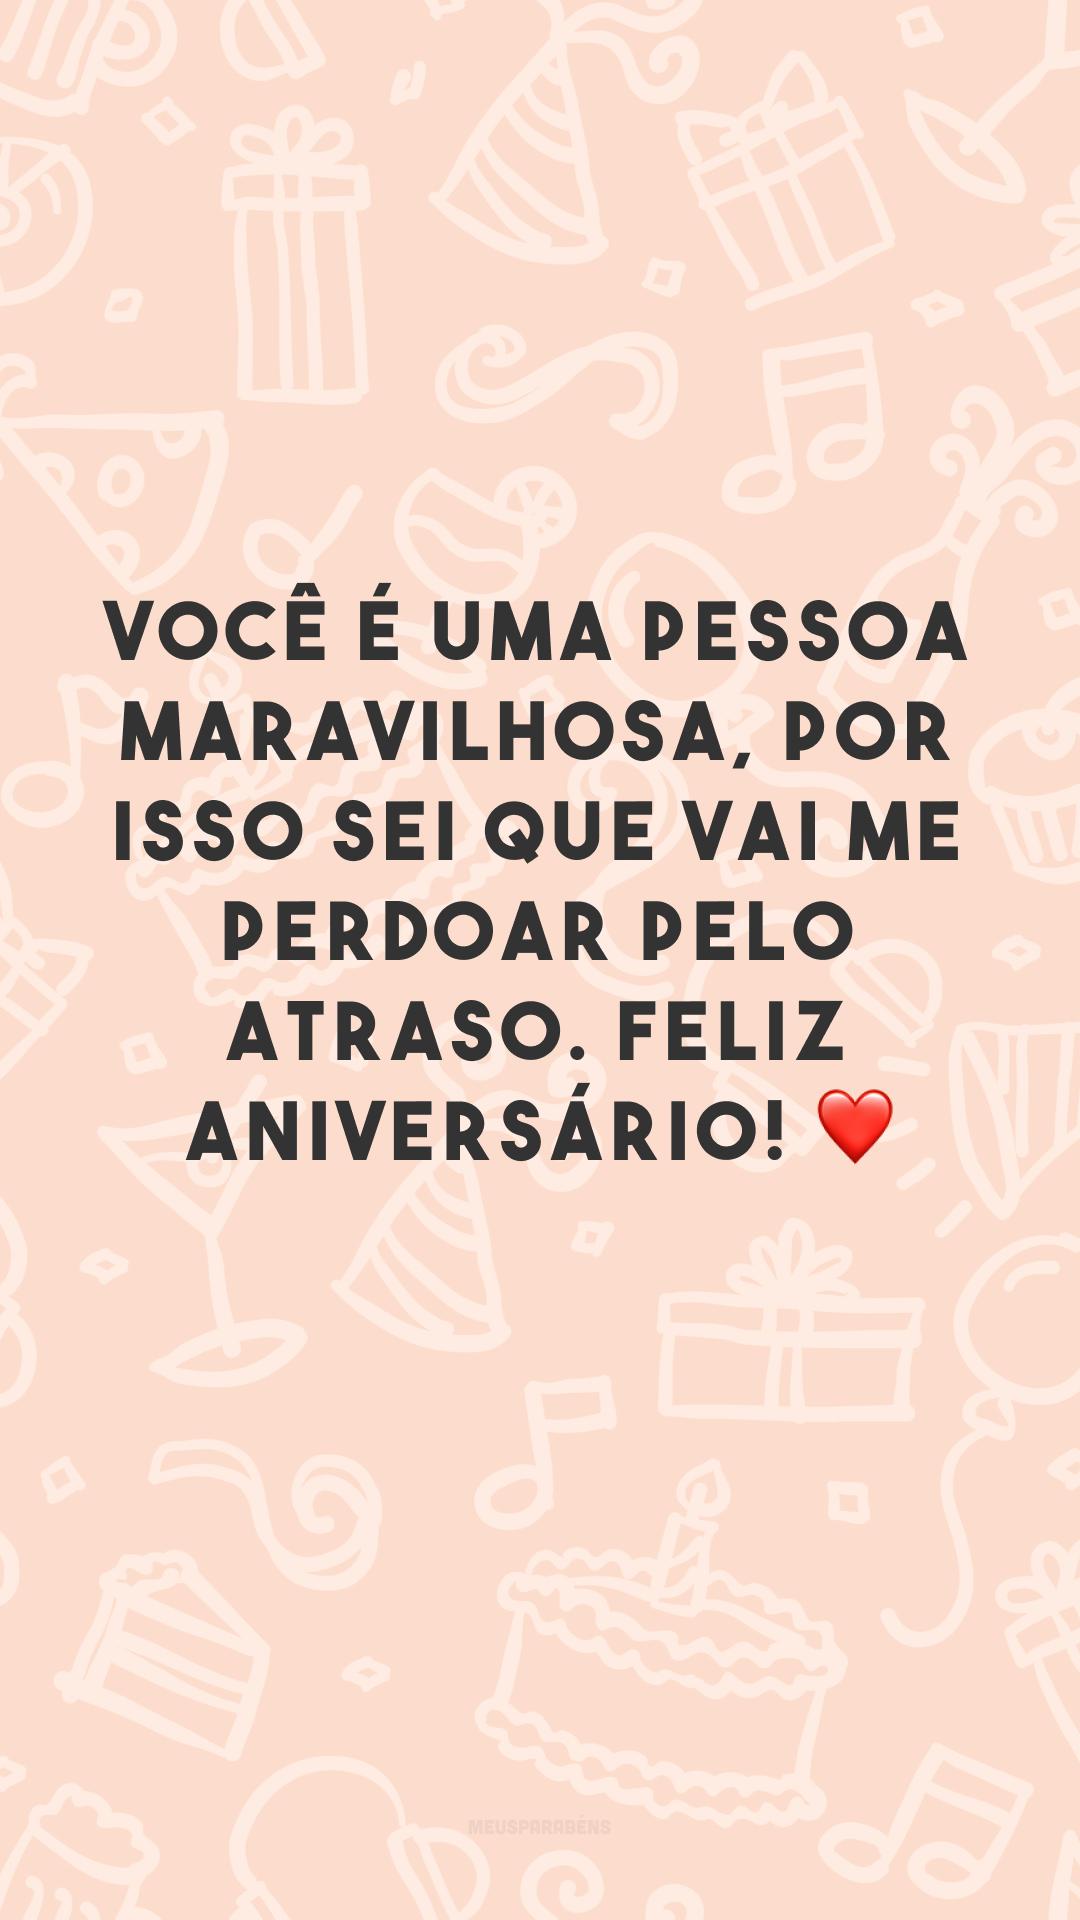 Você é uma pessoa maravilhosa, por isso sei que vai me perdoar pelo atraso. Feliz aniversário! ❤